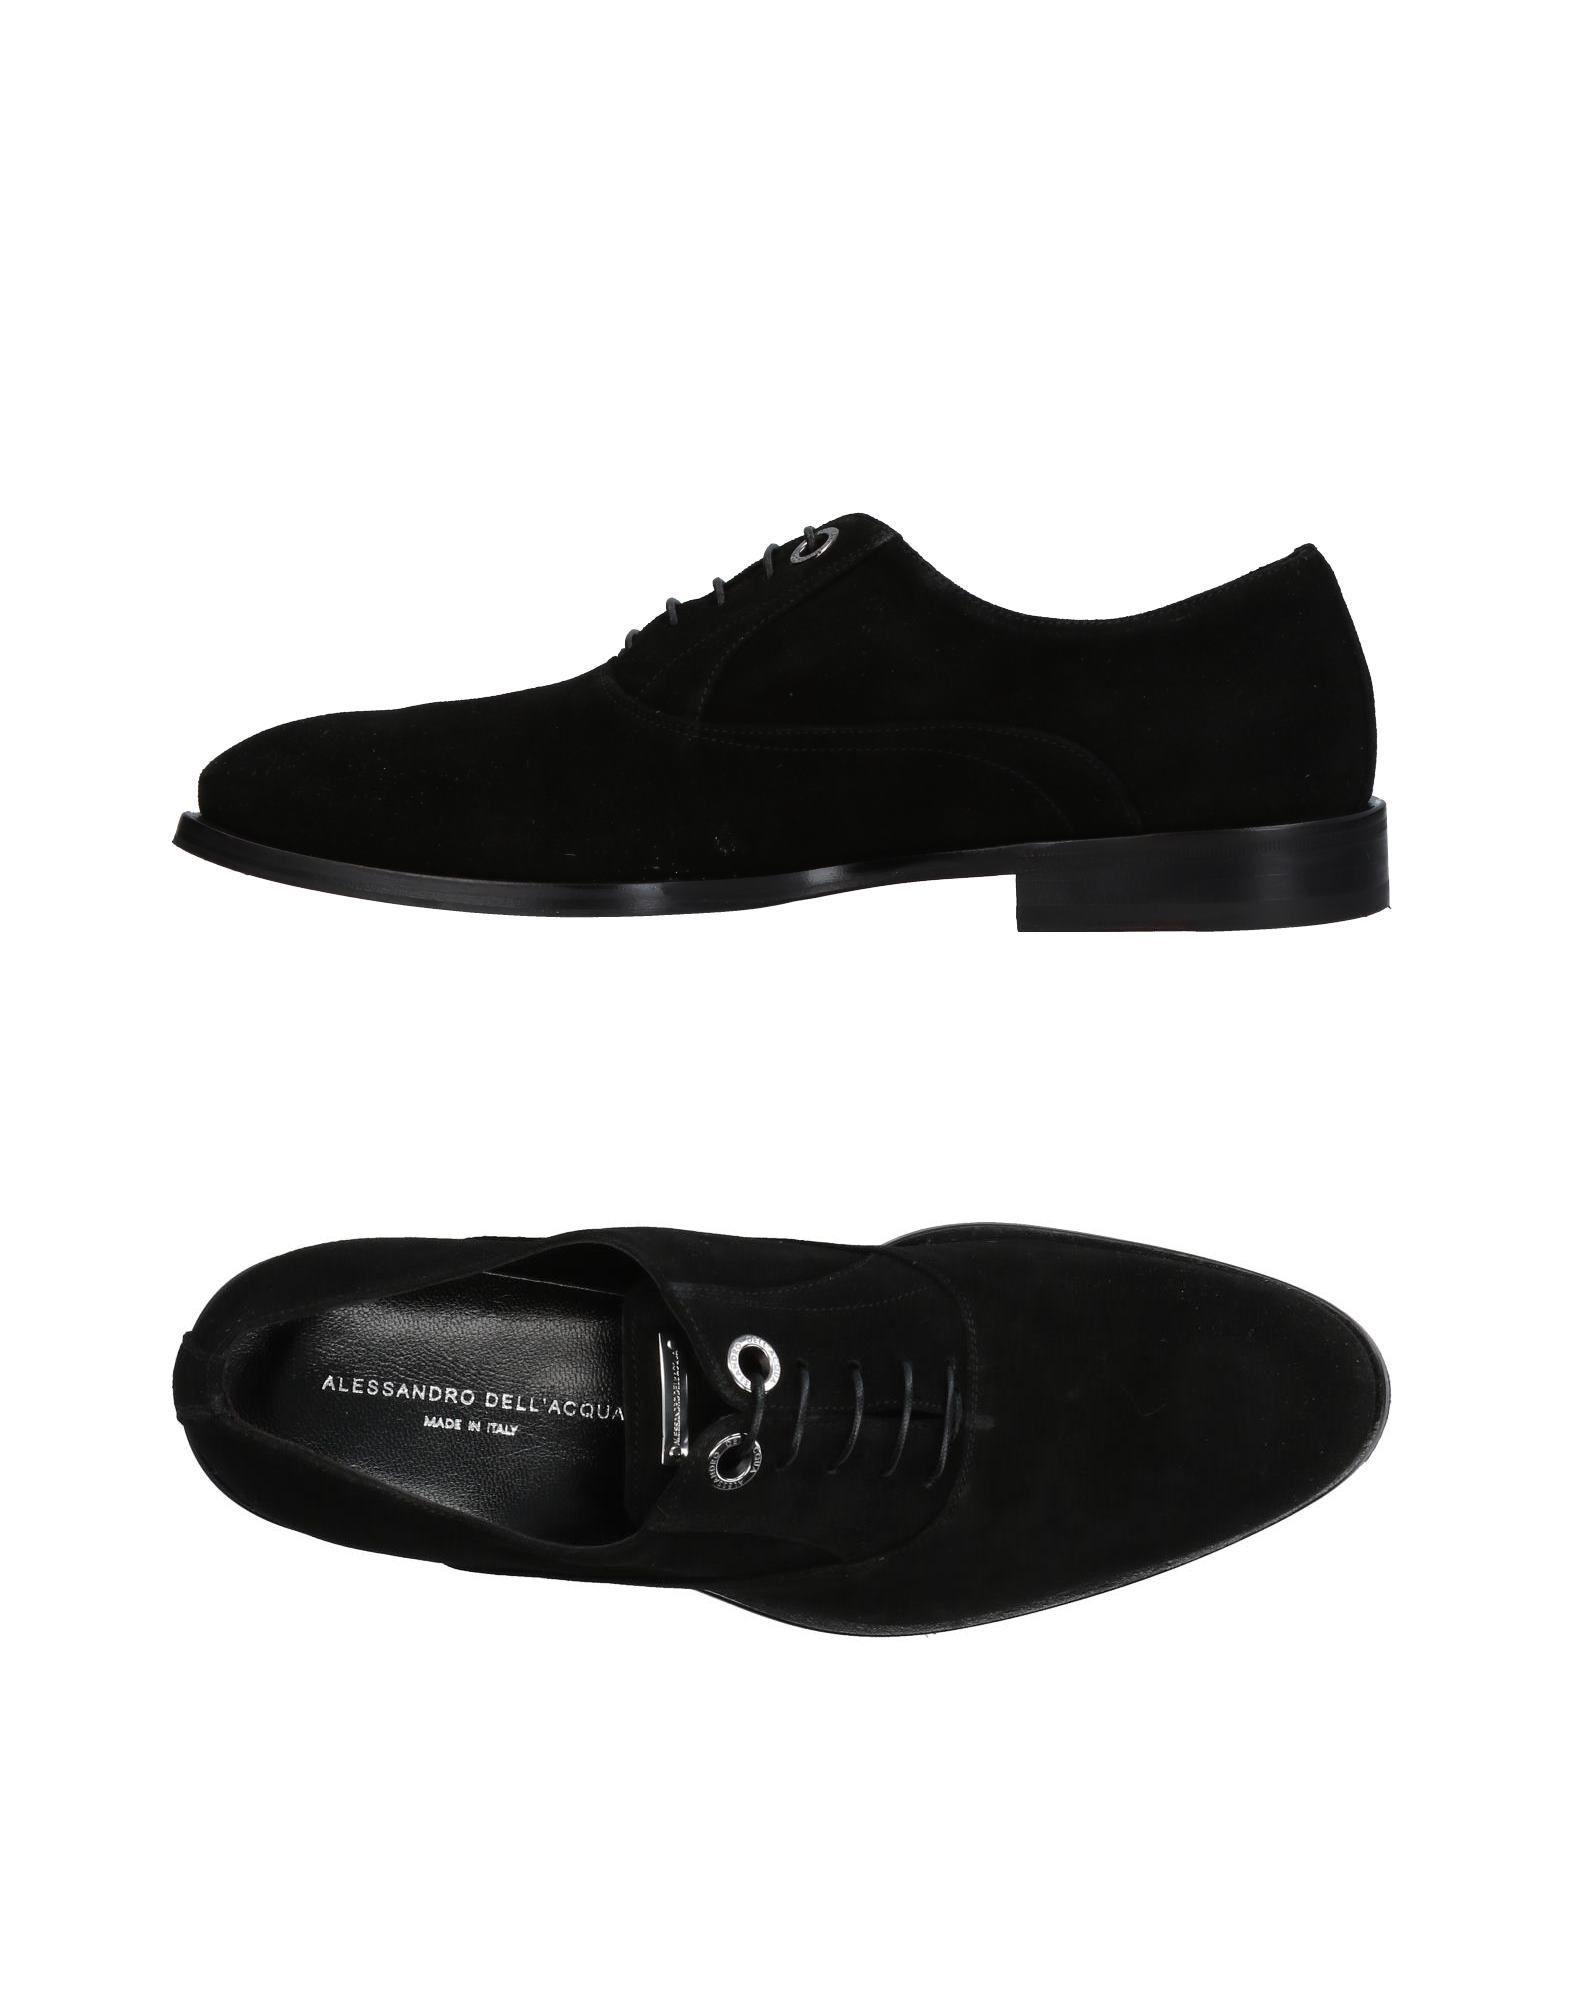 Alessandro Dell'acqua Schnürschuhe Herren  11343372TI Gute Qualität beliebte Schuhe